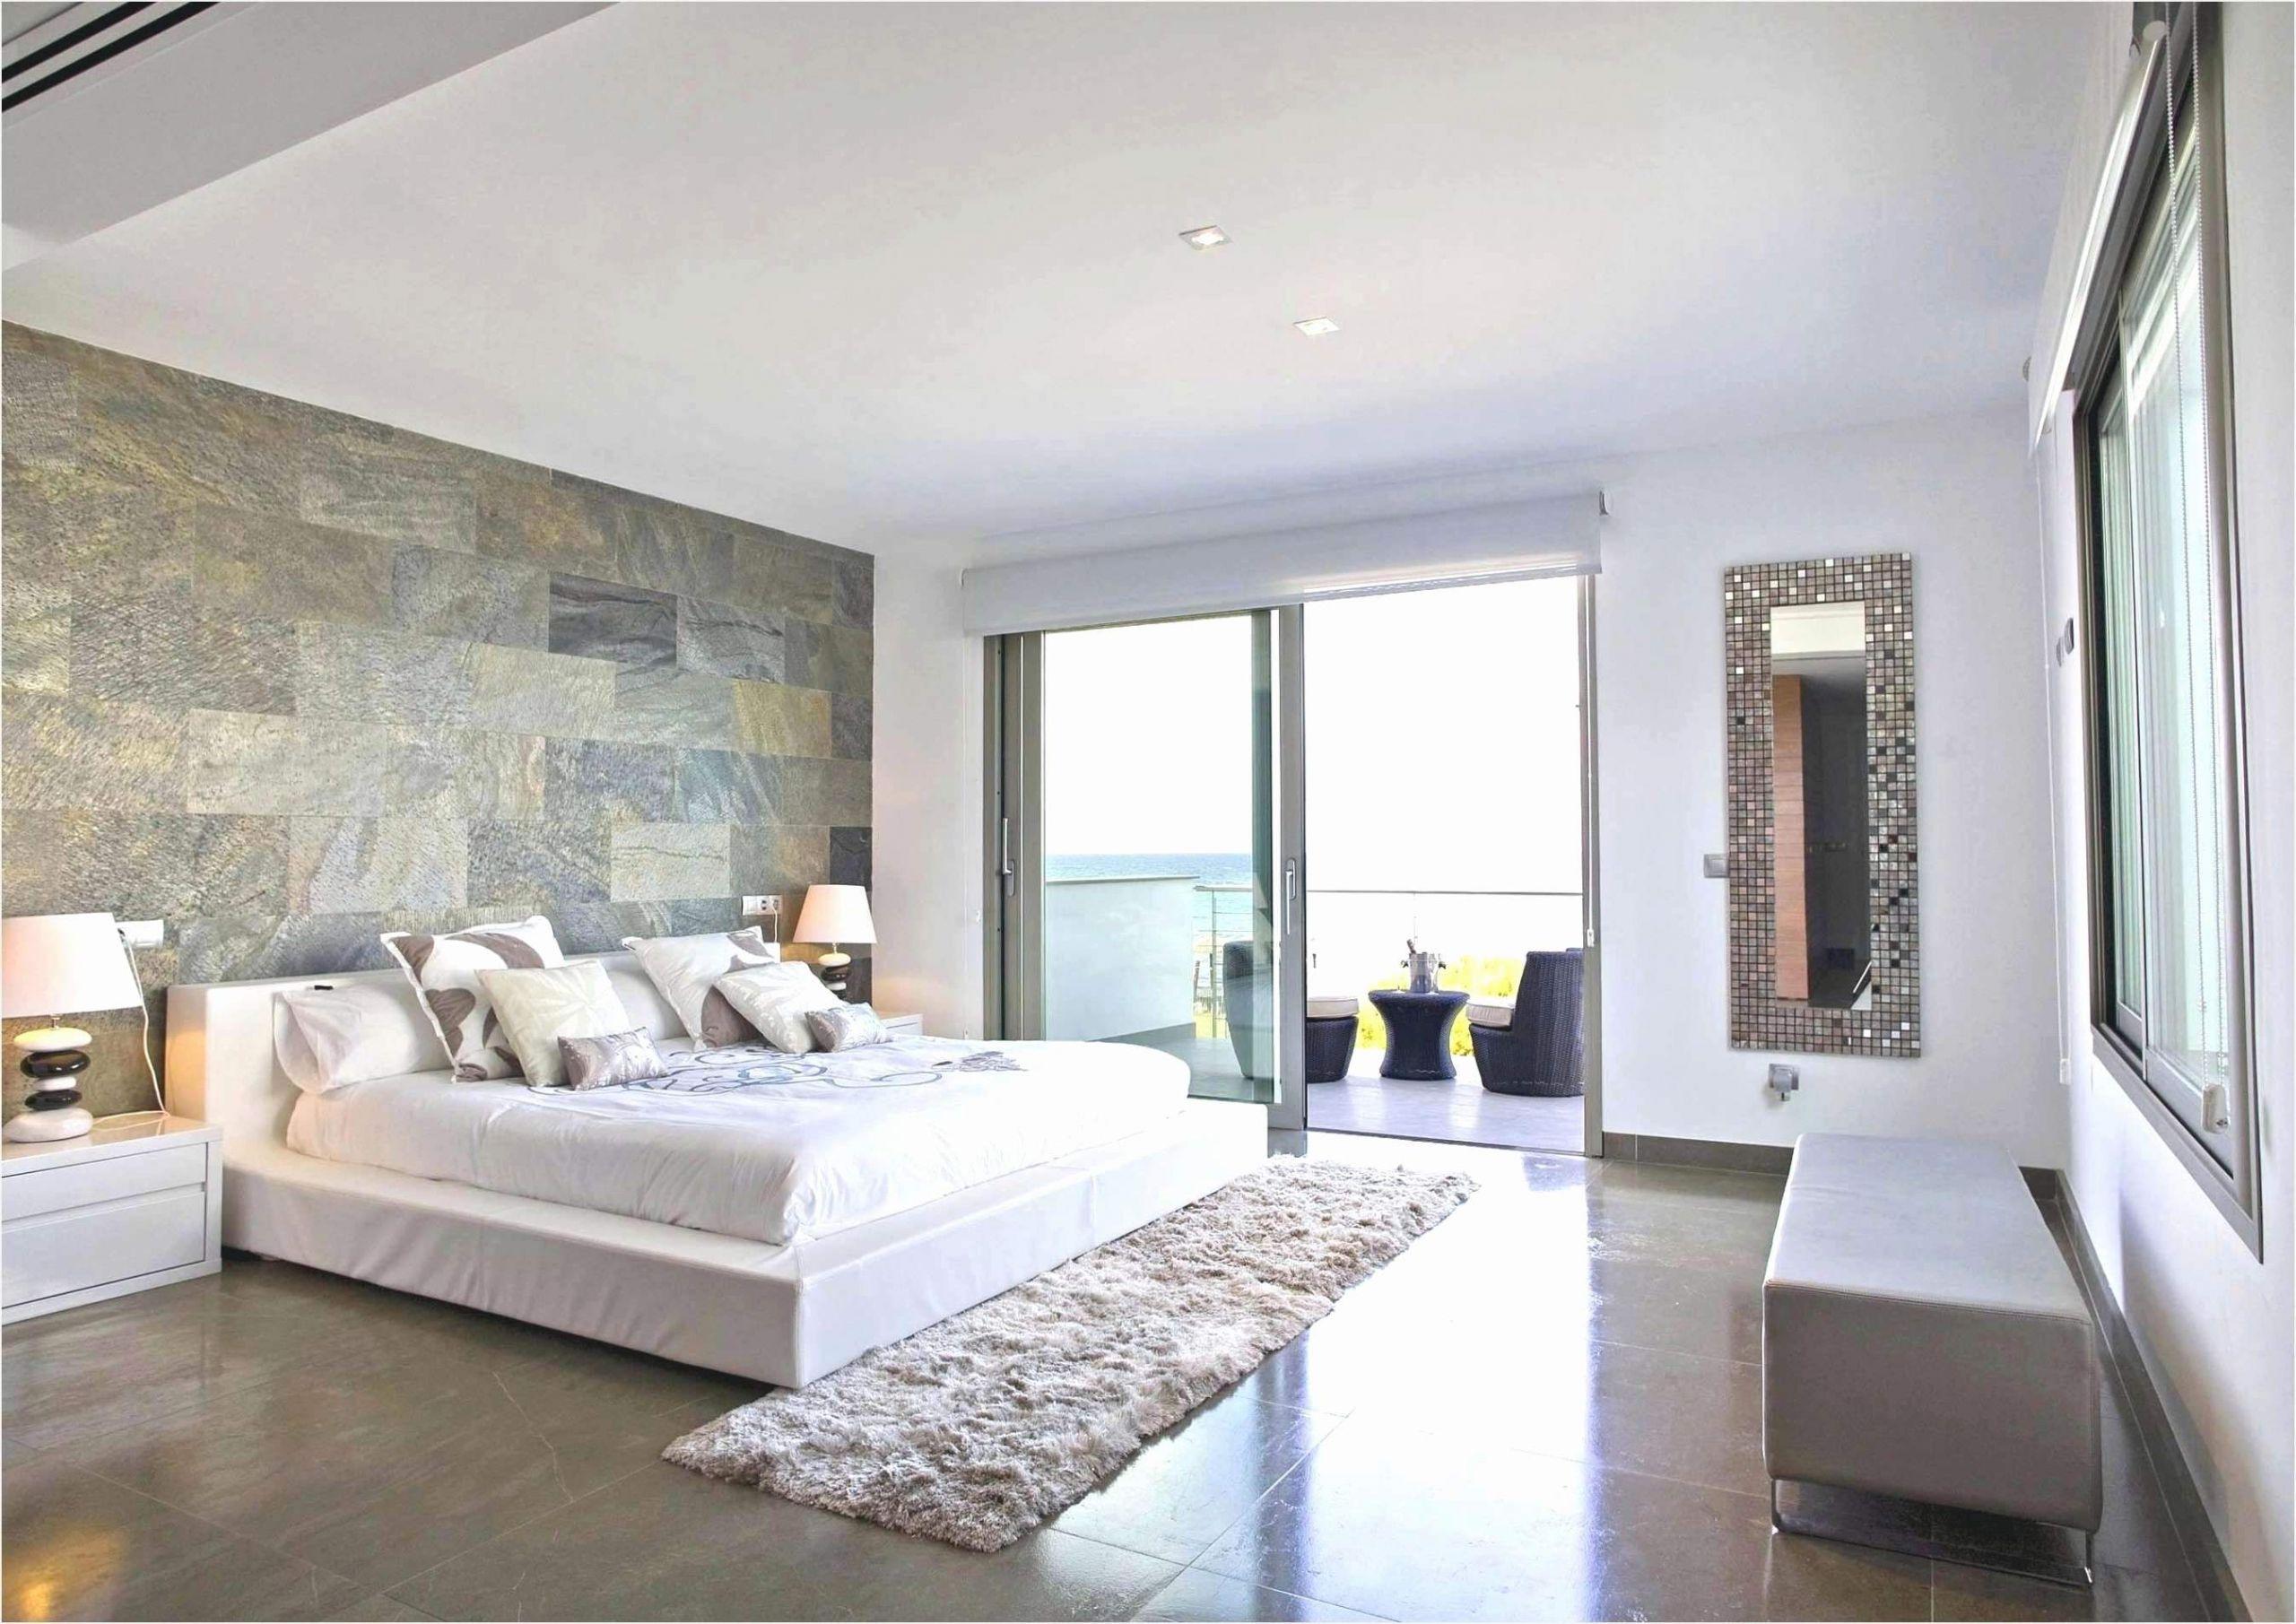 deko ideen bodentiefe fenster elegant wohnzimmer deko modern kamin im wohnzimmer frisch kamin modern 0d of deko ideen bodentiefe fenster